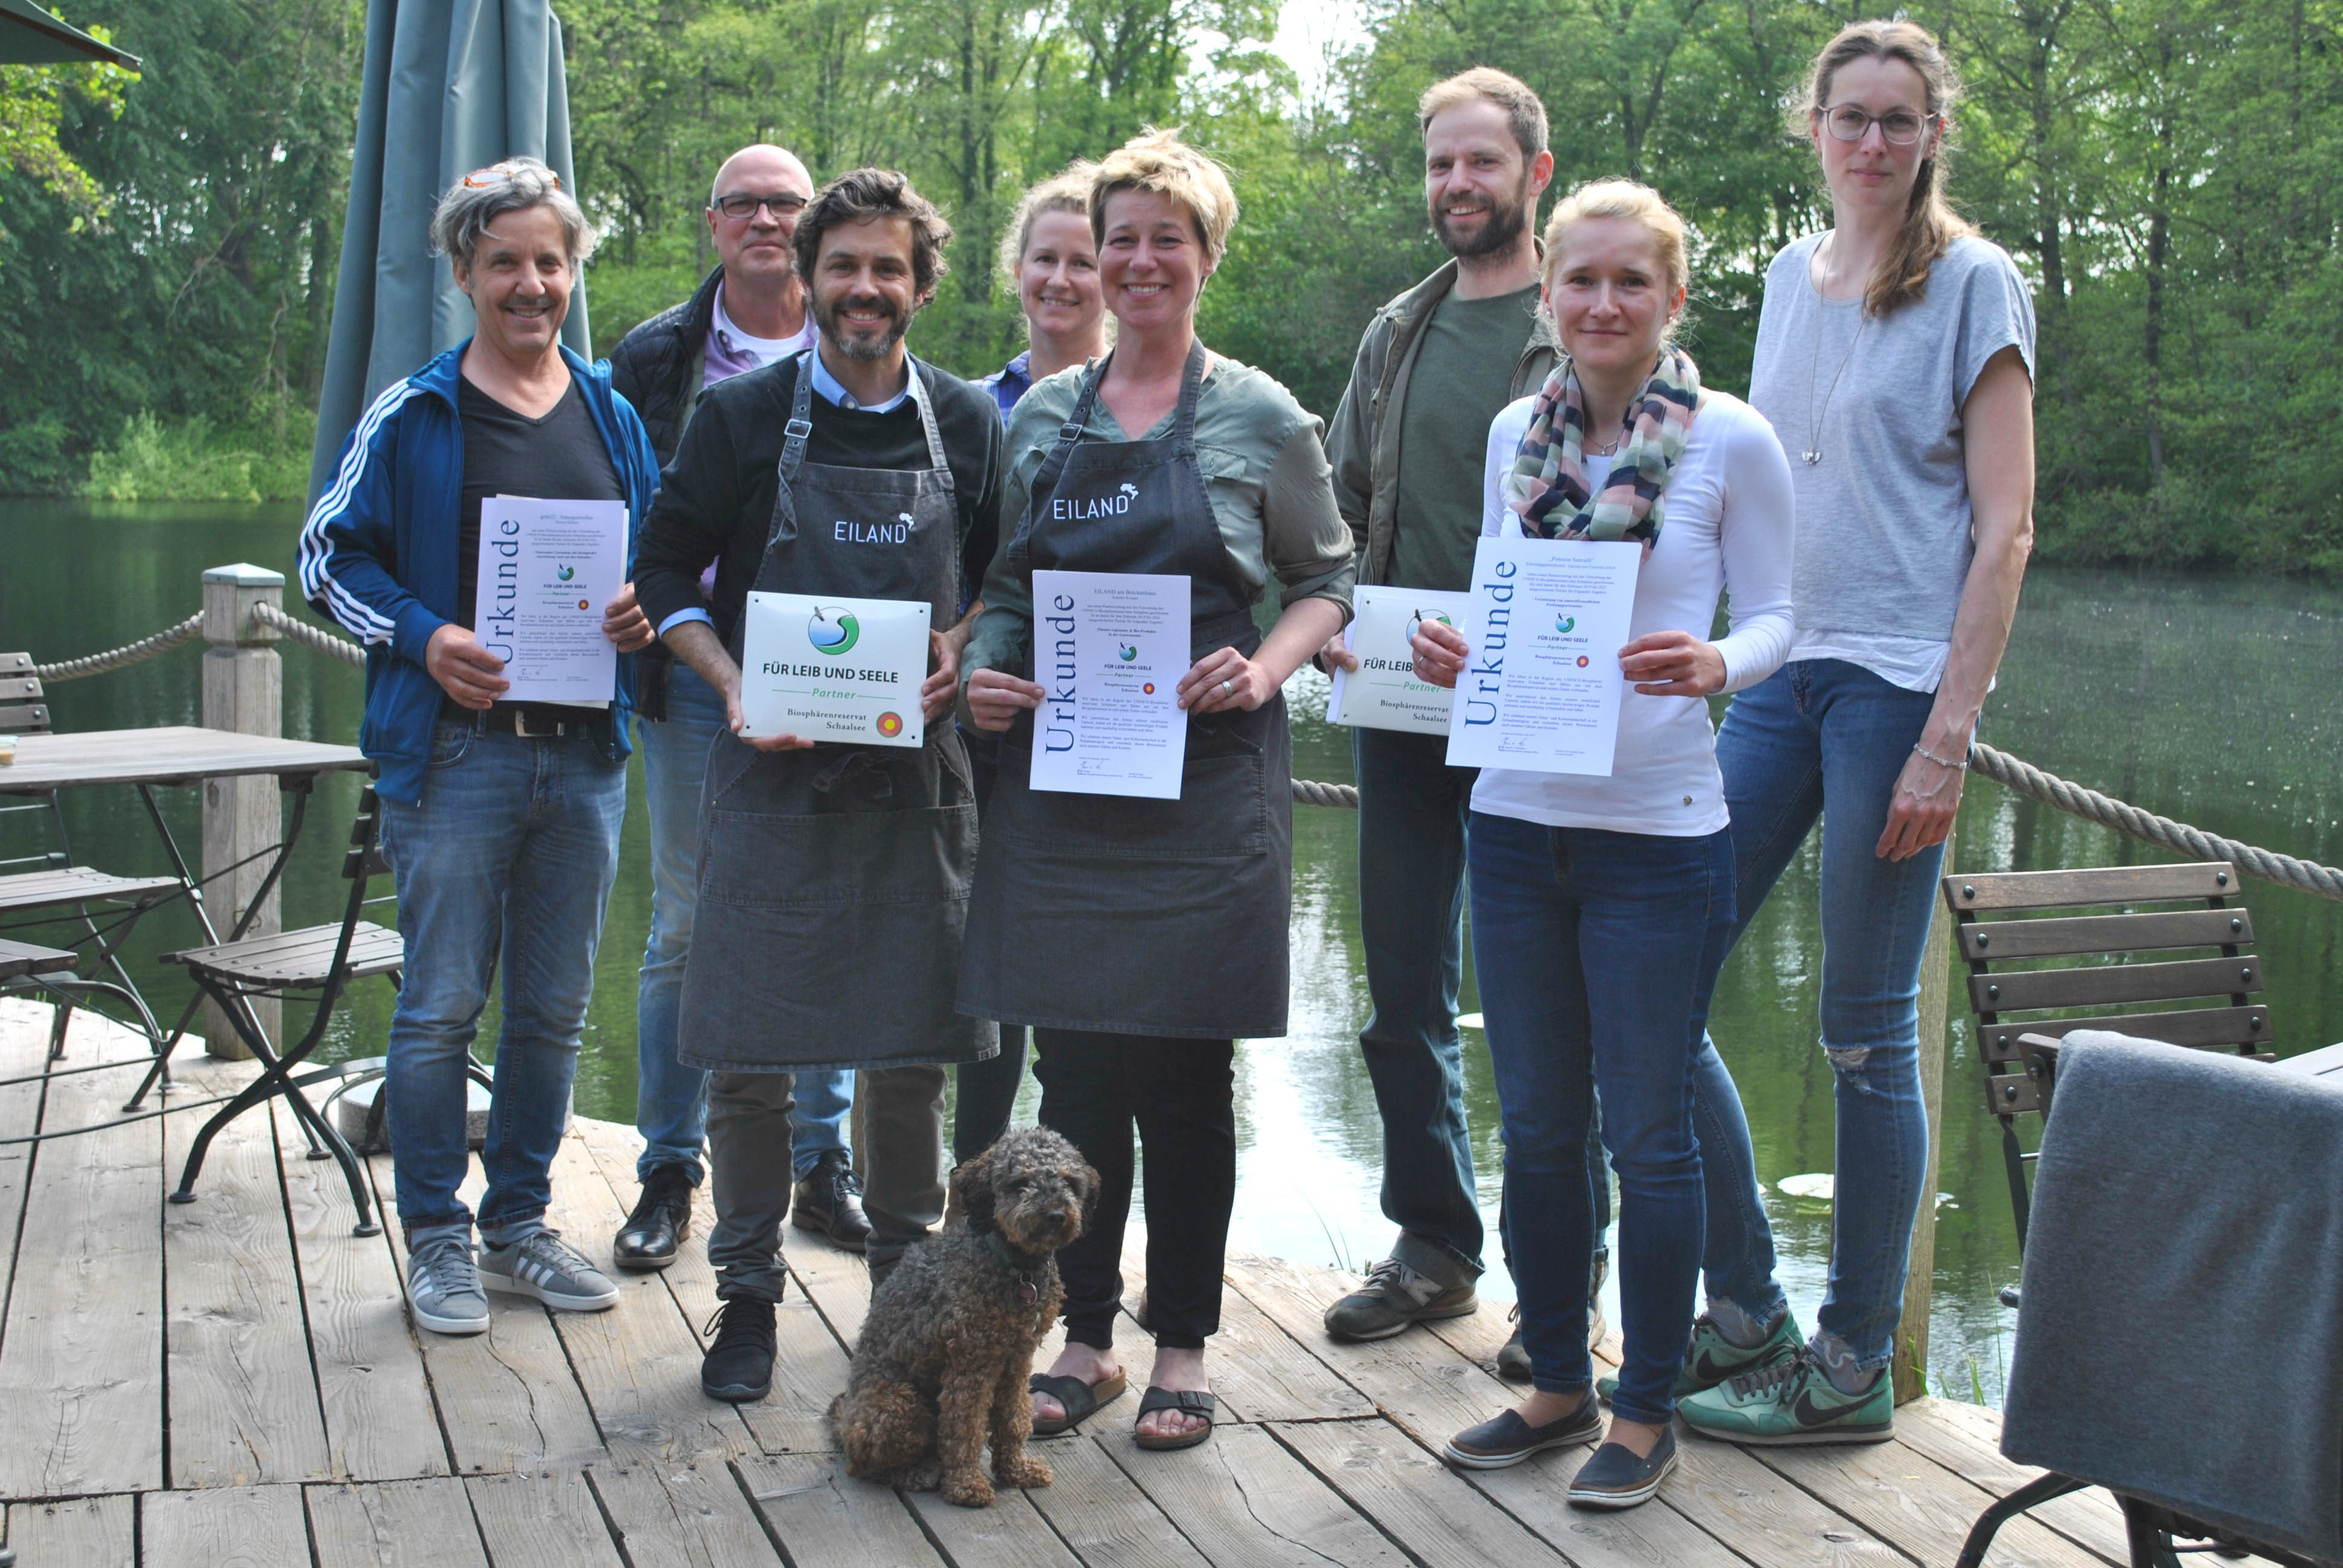 """Netzwerk """"Biosphärenreservat Schaalsee – Für Leib und Seele"""" mit neuen Mitgliedern"""